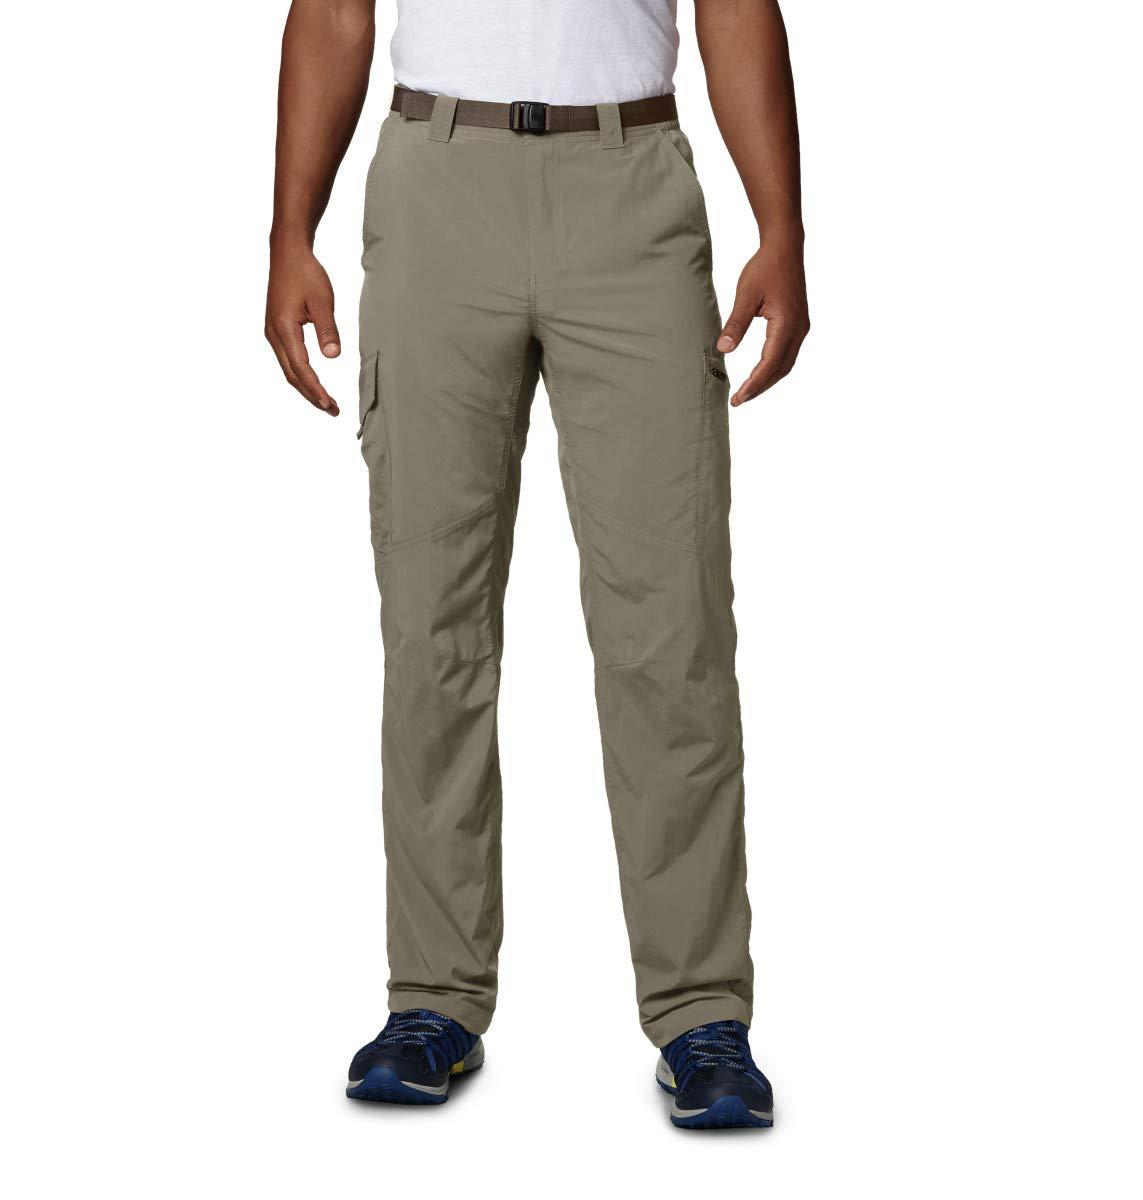 Columbia Cargo Wanderhose für Herren, Silver Ridge Cargo Pant, Nylon, beige (Tu